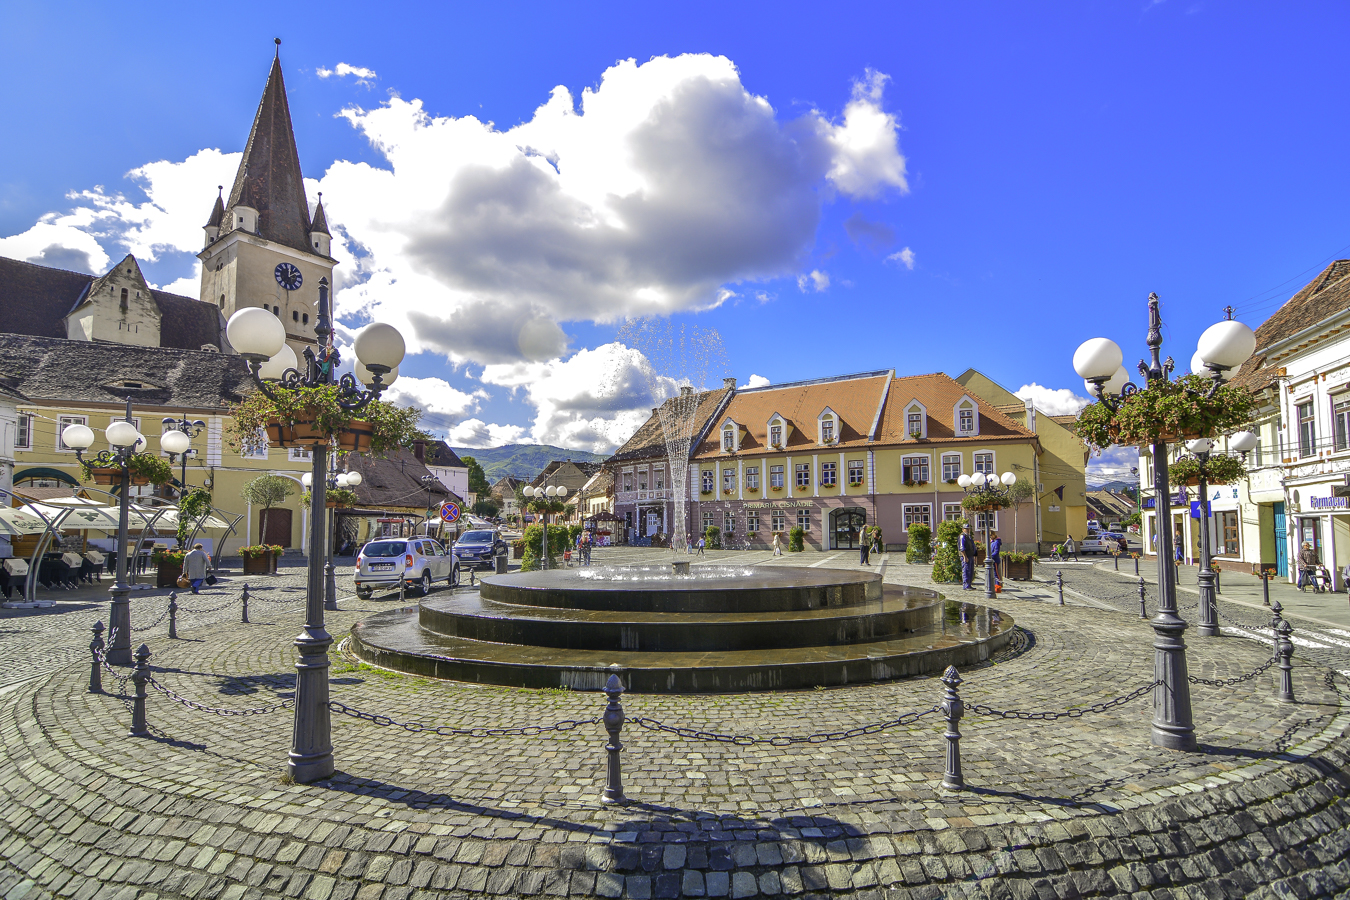 Es gibt Leben und wenige Kilometer von Sibiu entfernt. Die Ruhe und den Komfort von Cisnadie